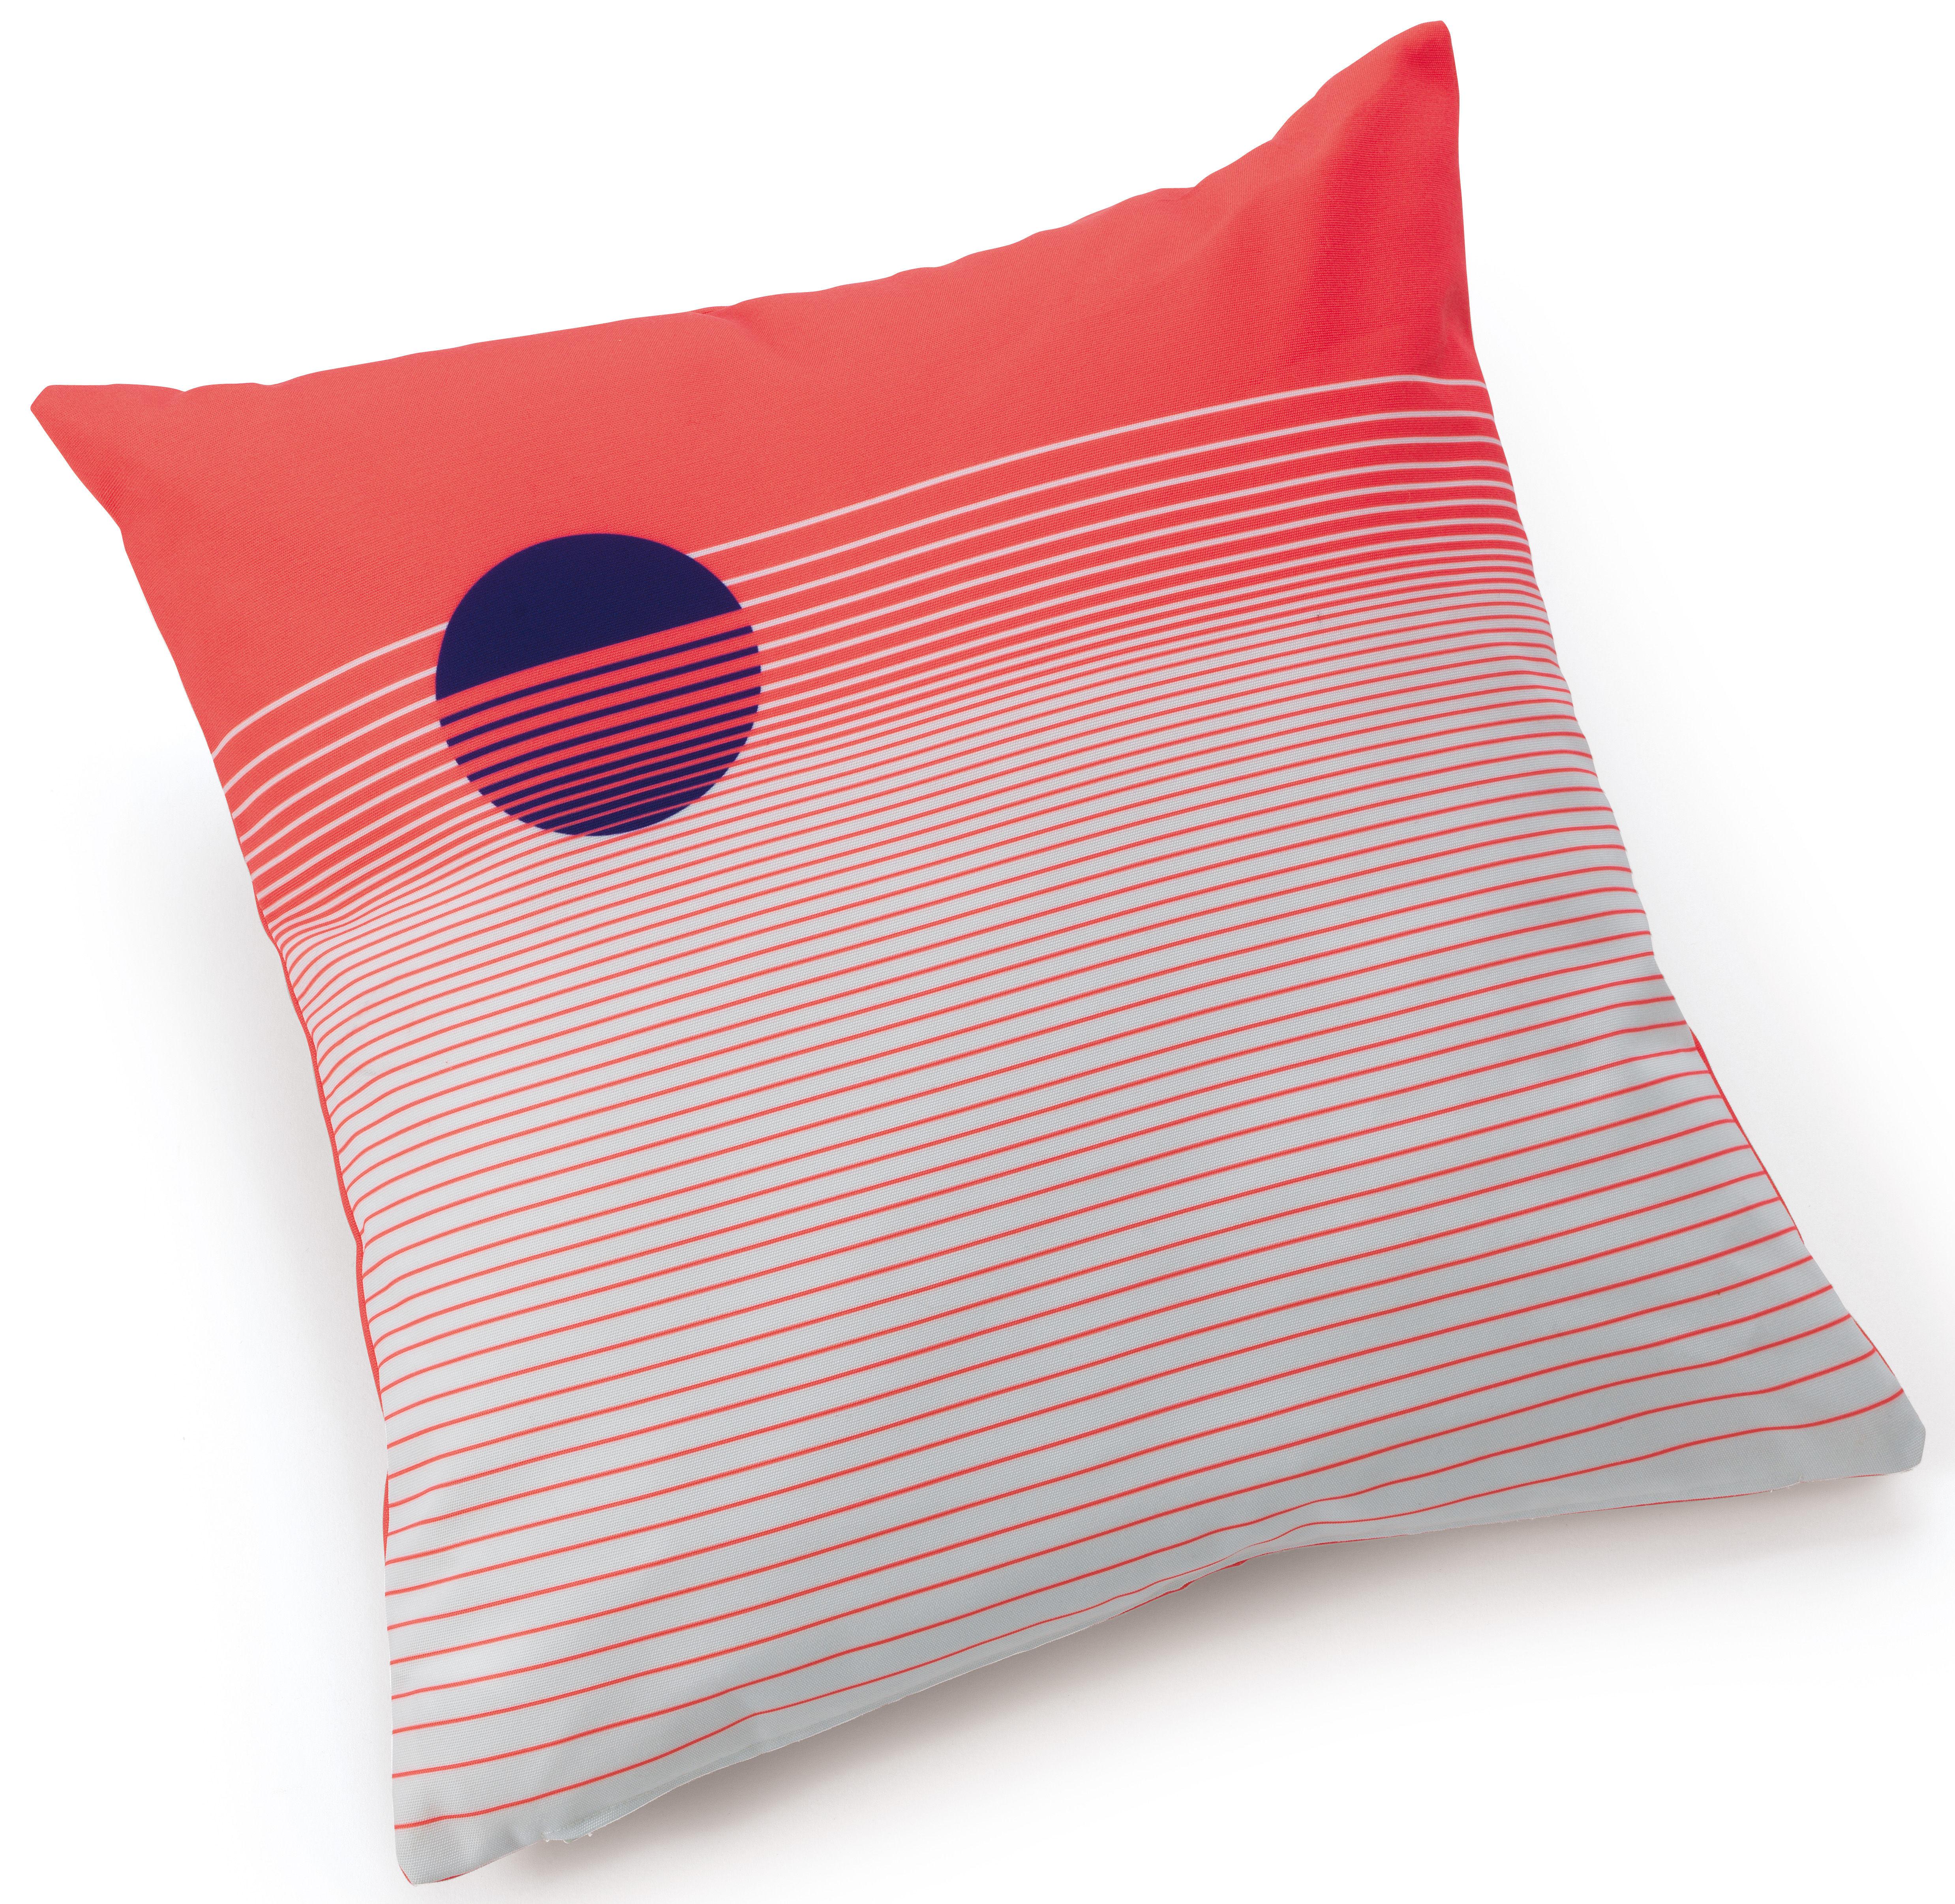 Outdoor - Déco et accessoires - Coussin d'extérieur Infusion Graphique / 44 x 44 cm - Fermob - Grenadine - Tissu